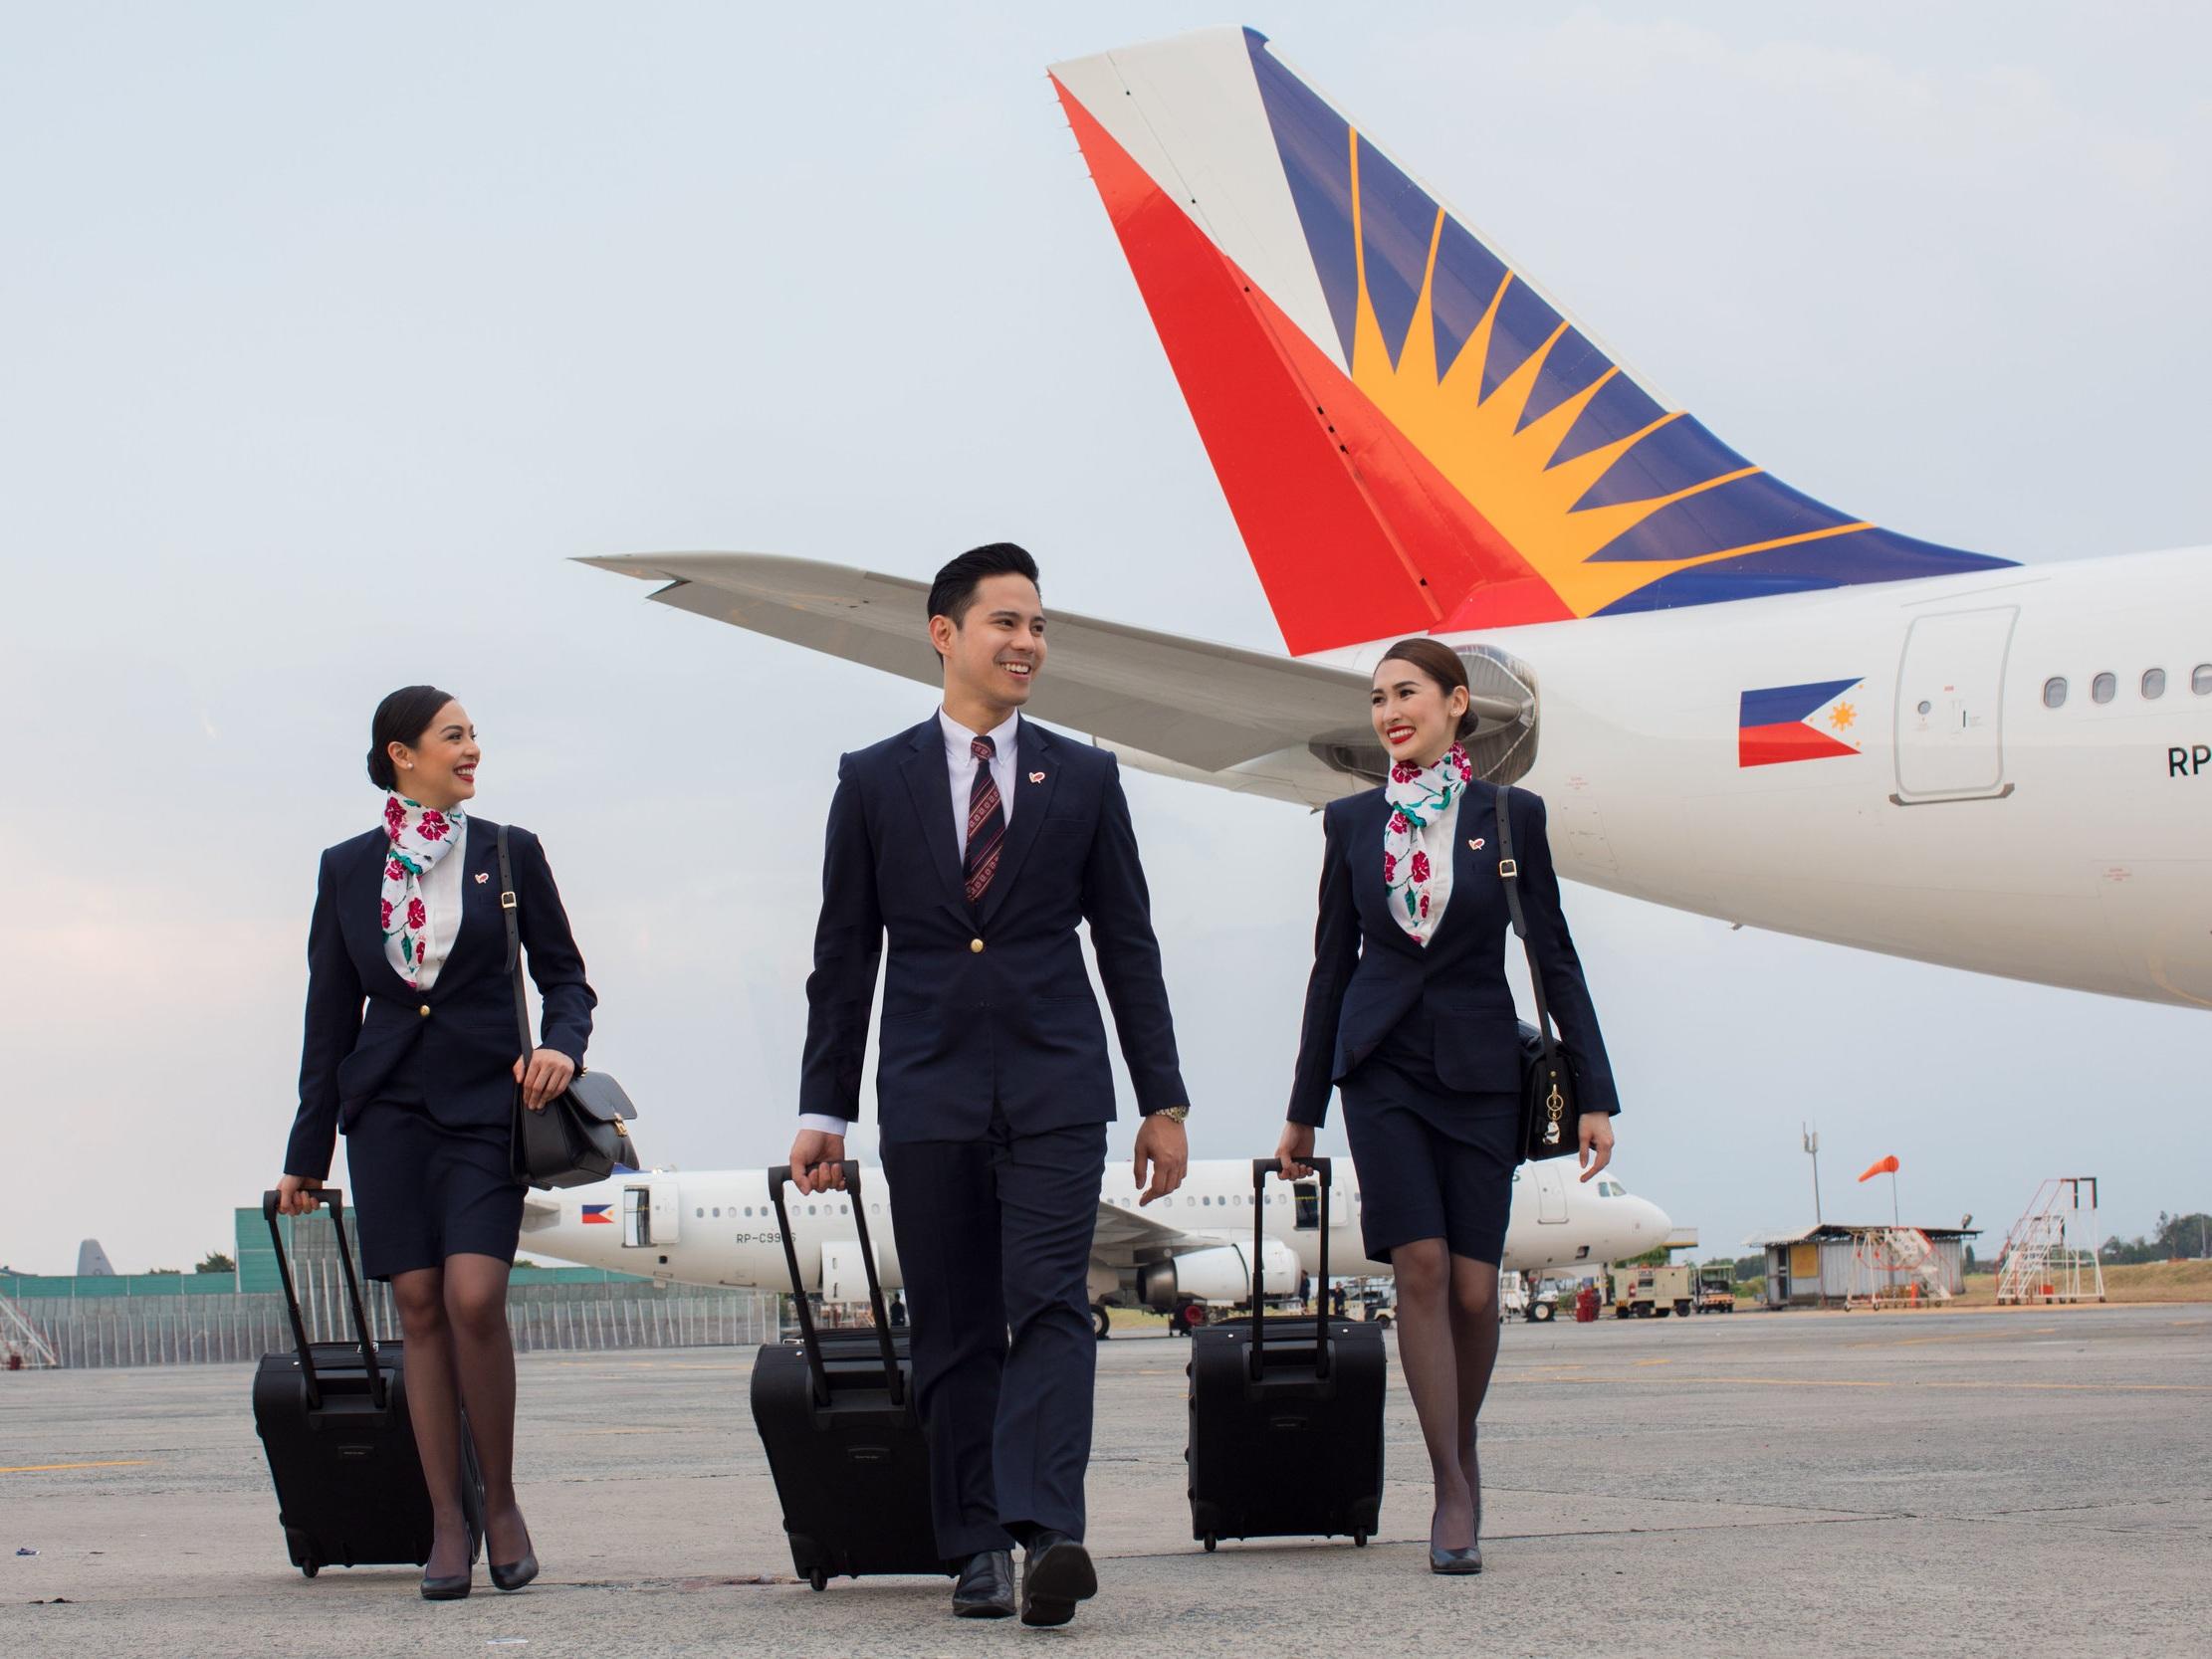 Philippine Airlines' Crew